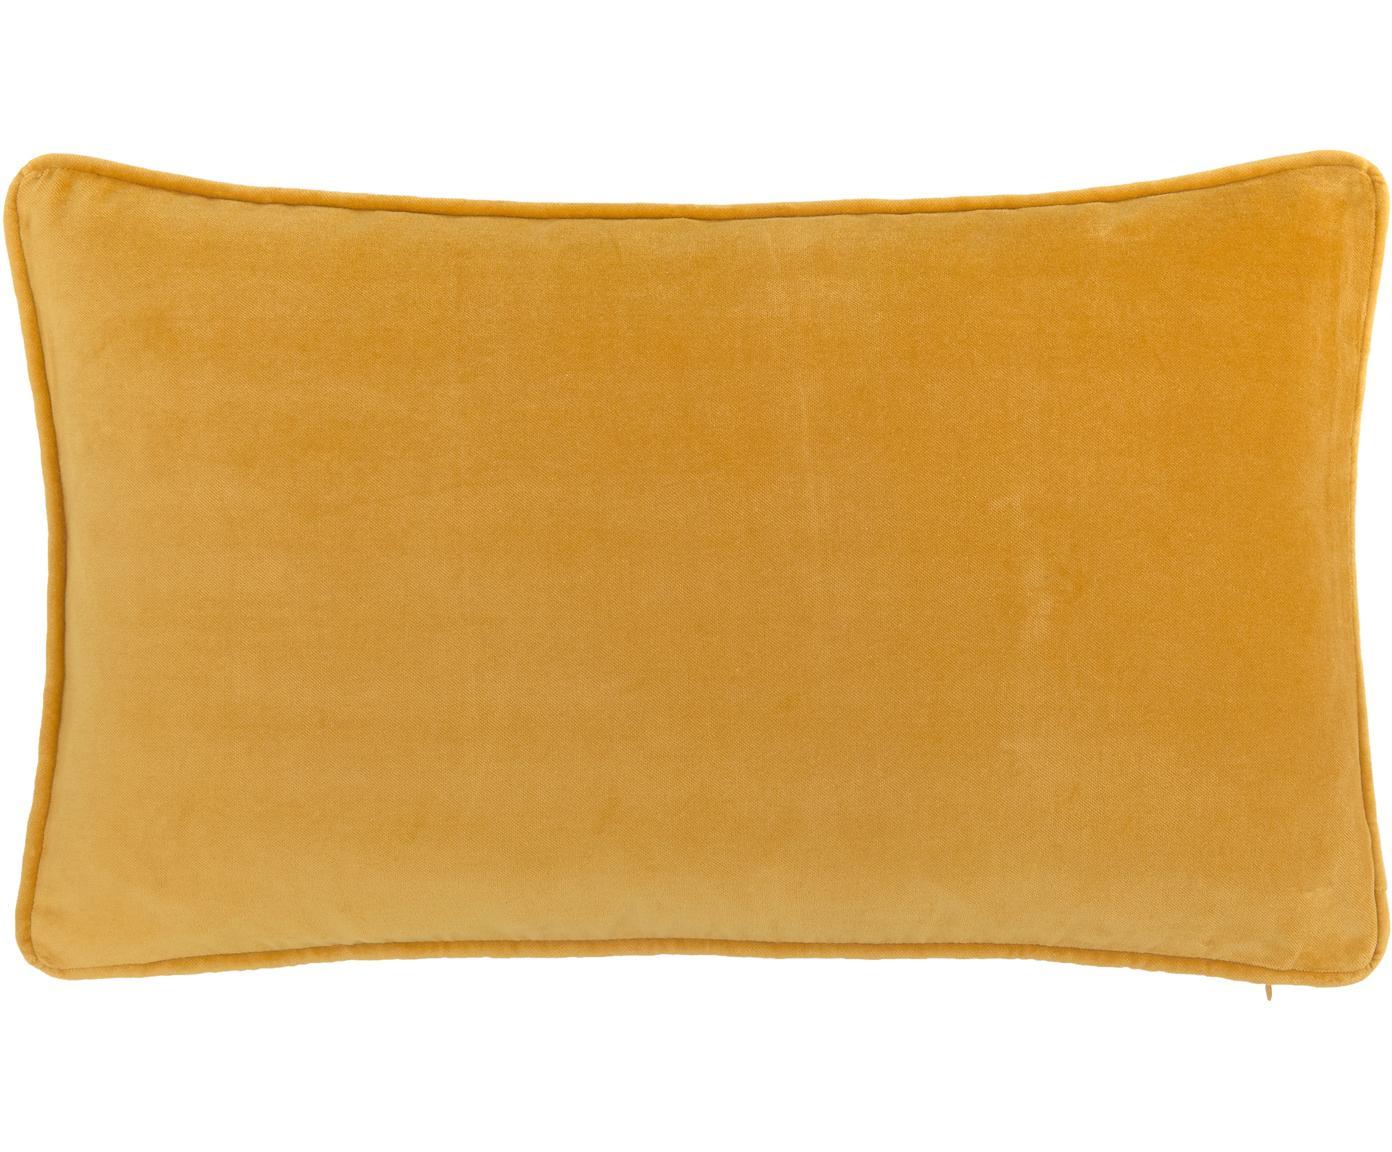 Poszewka na poduszkę z aksamitu Dana, Aksamit bawełniany, Ochrowy, S 30 x D 50 cm